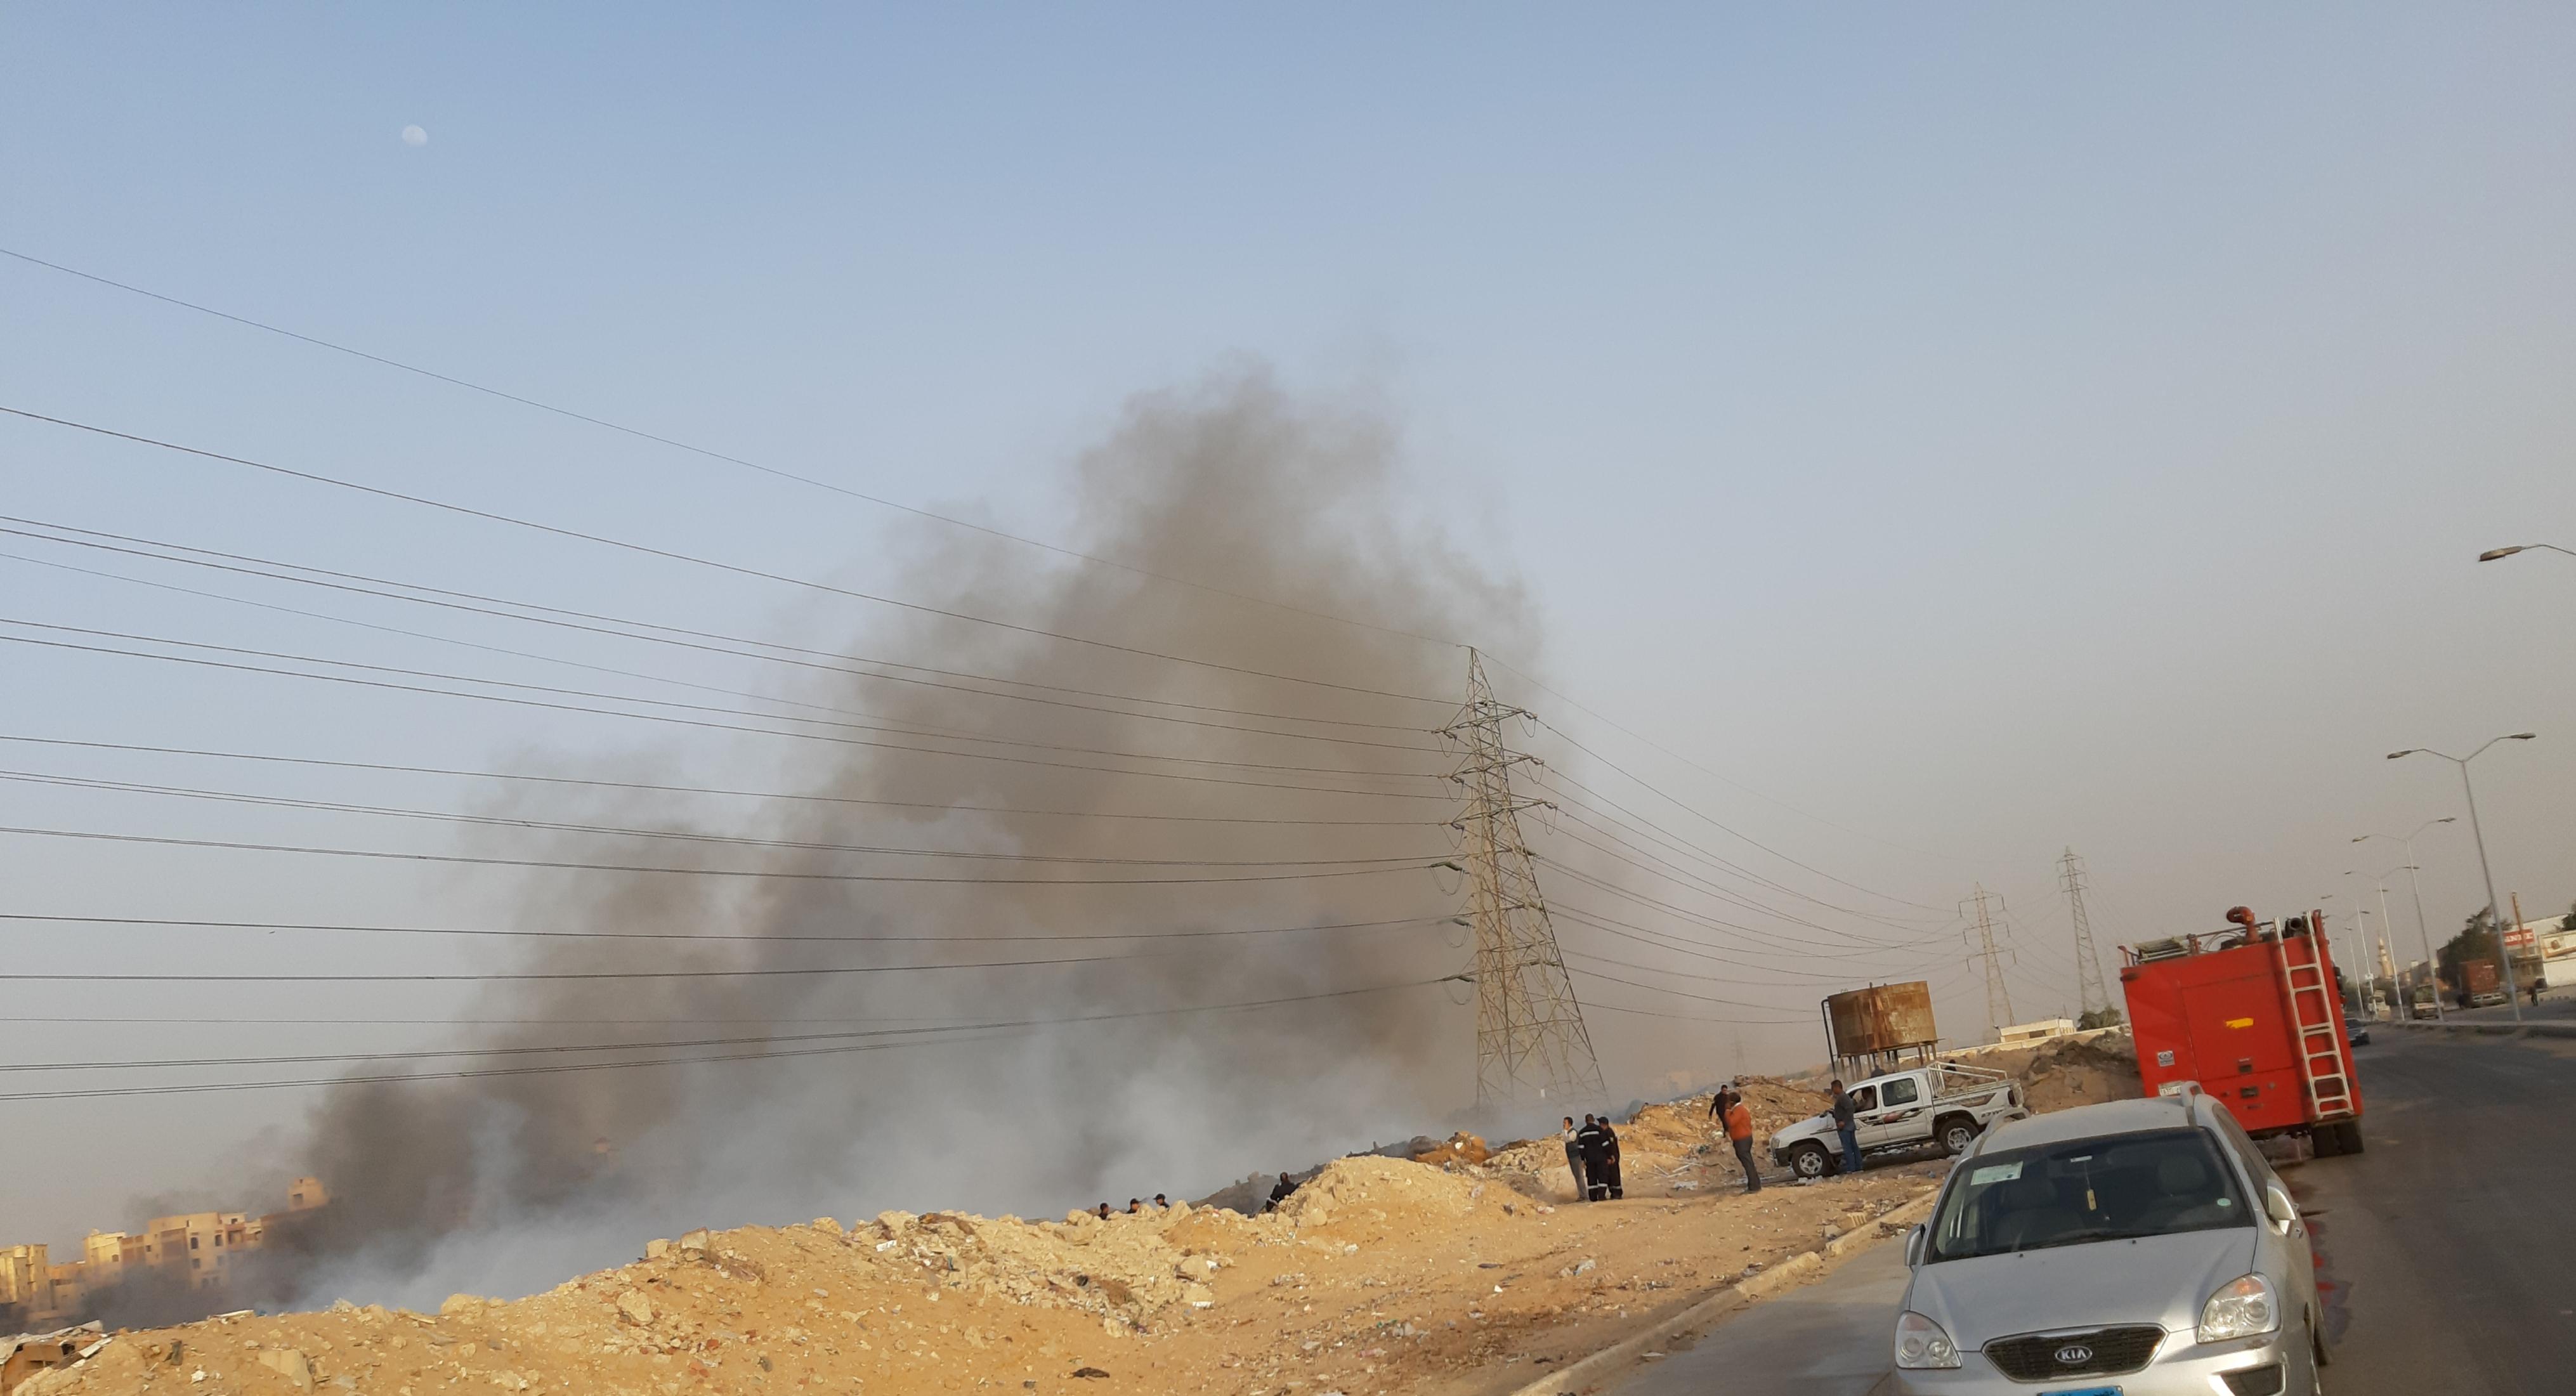 سيارات الحماية المدنية تسيطر على حريق أبراج الضغط العالي بمدينة ٦أكتوبر.